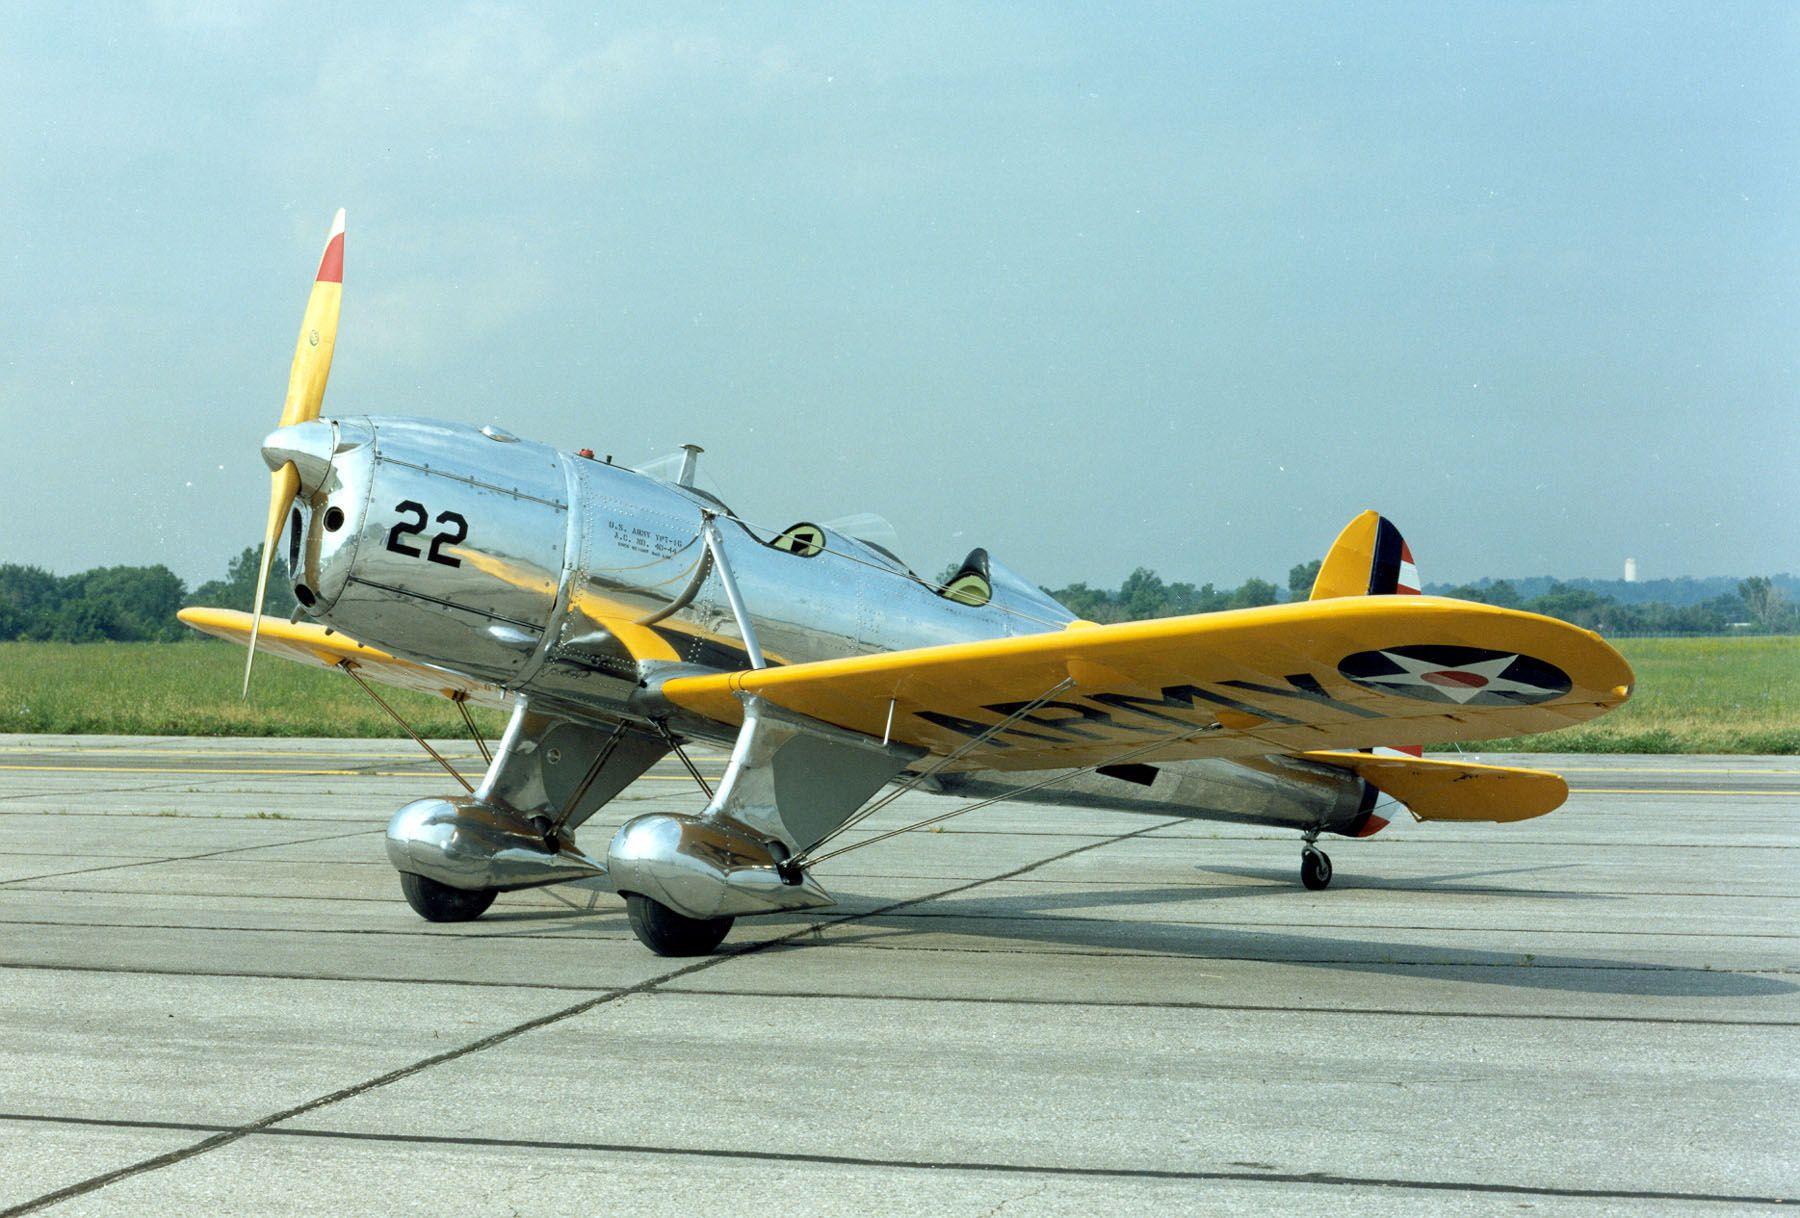 New aircraft project     - Page 3 - FSX/FS2004 Aircraft - Aerosoft